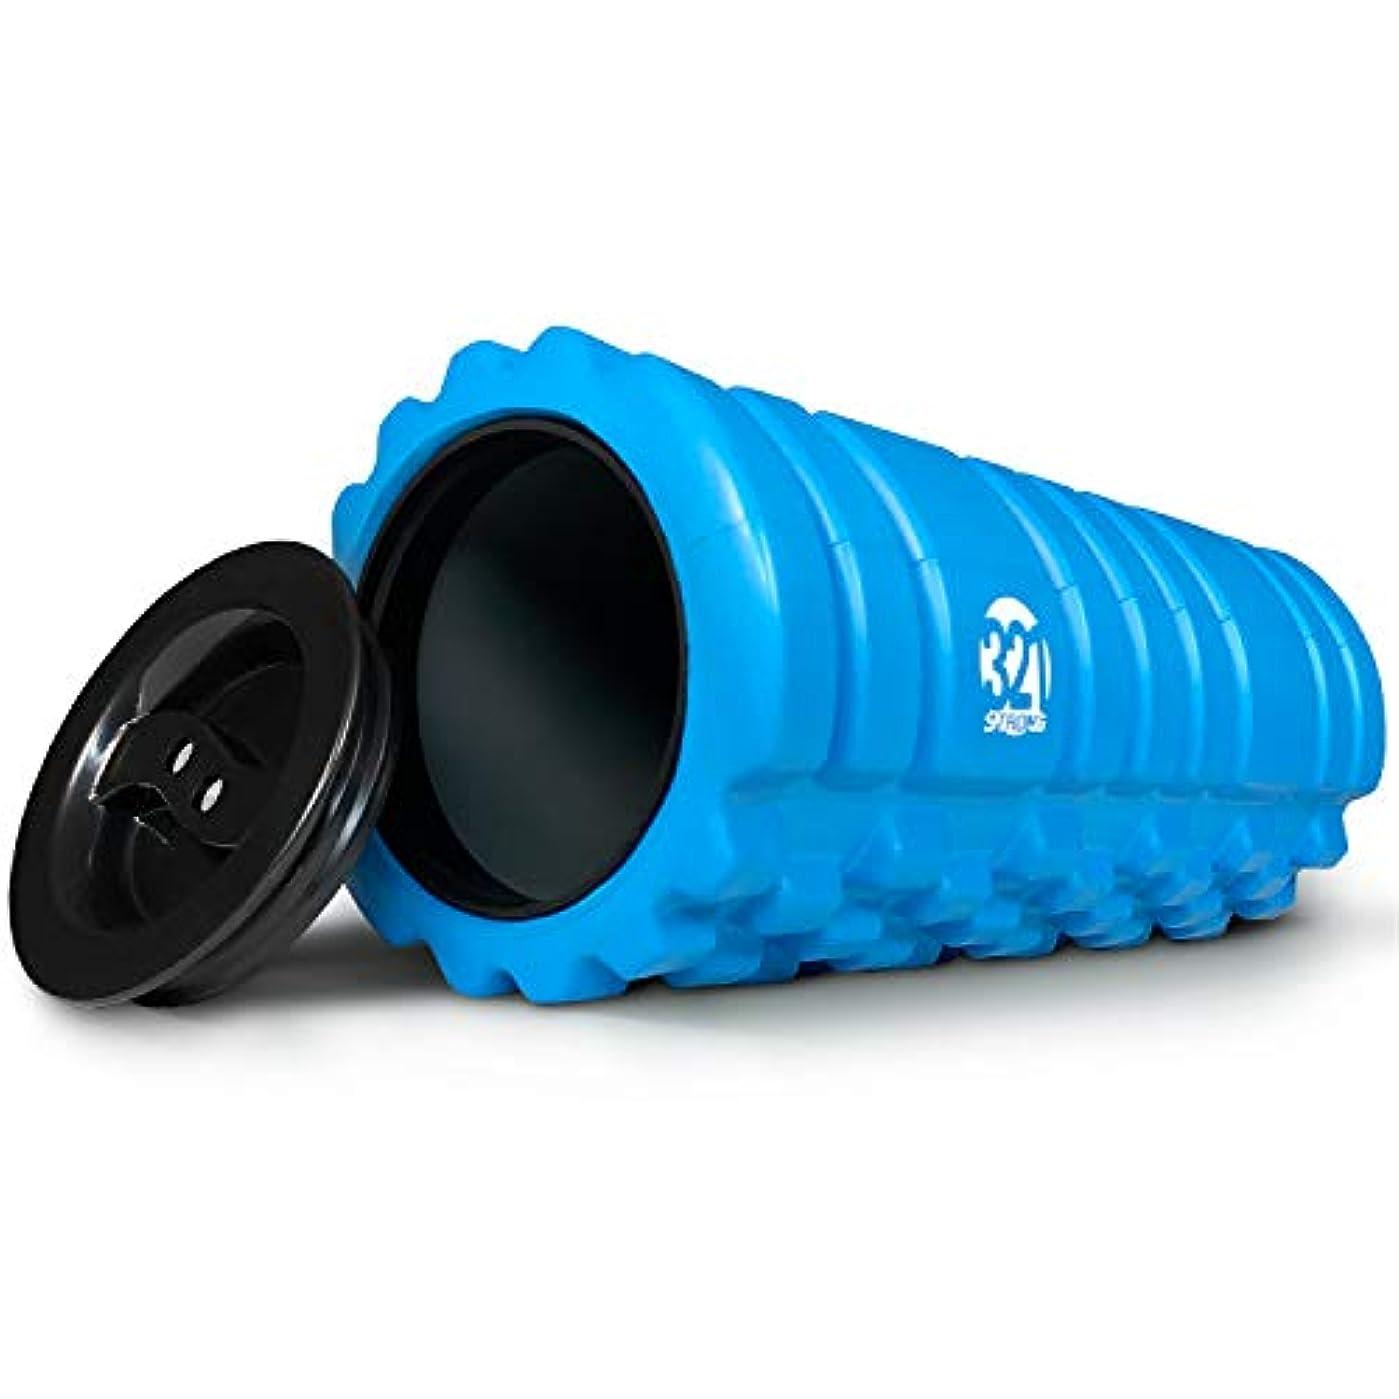 サンダー宿泊クーポン321 強化フォームローラー 筋肉マッサージ用 エンドキャップ付き 鍵 タオル その他のアクセサリーの収納に ブラック レッド ブルー ピンク